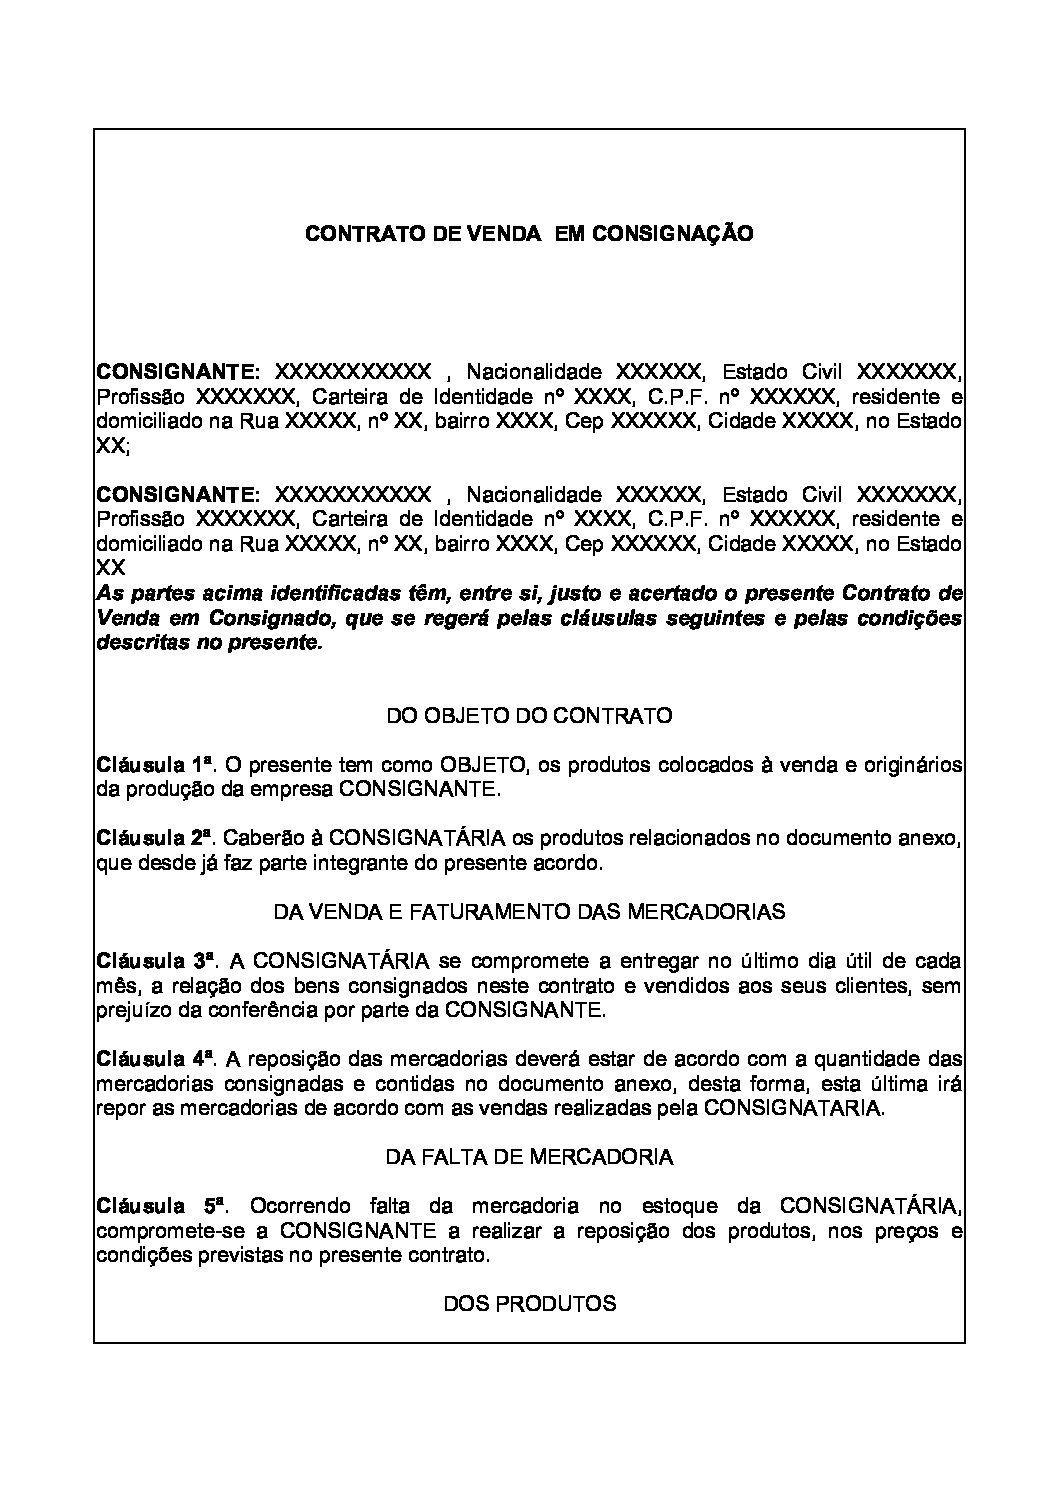 Contrato de Venda em Consignação